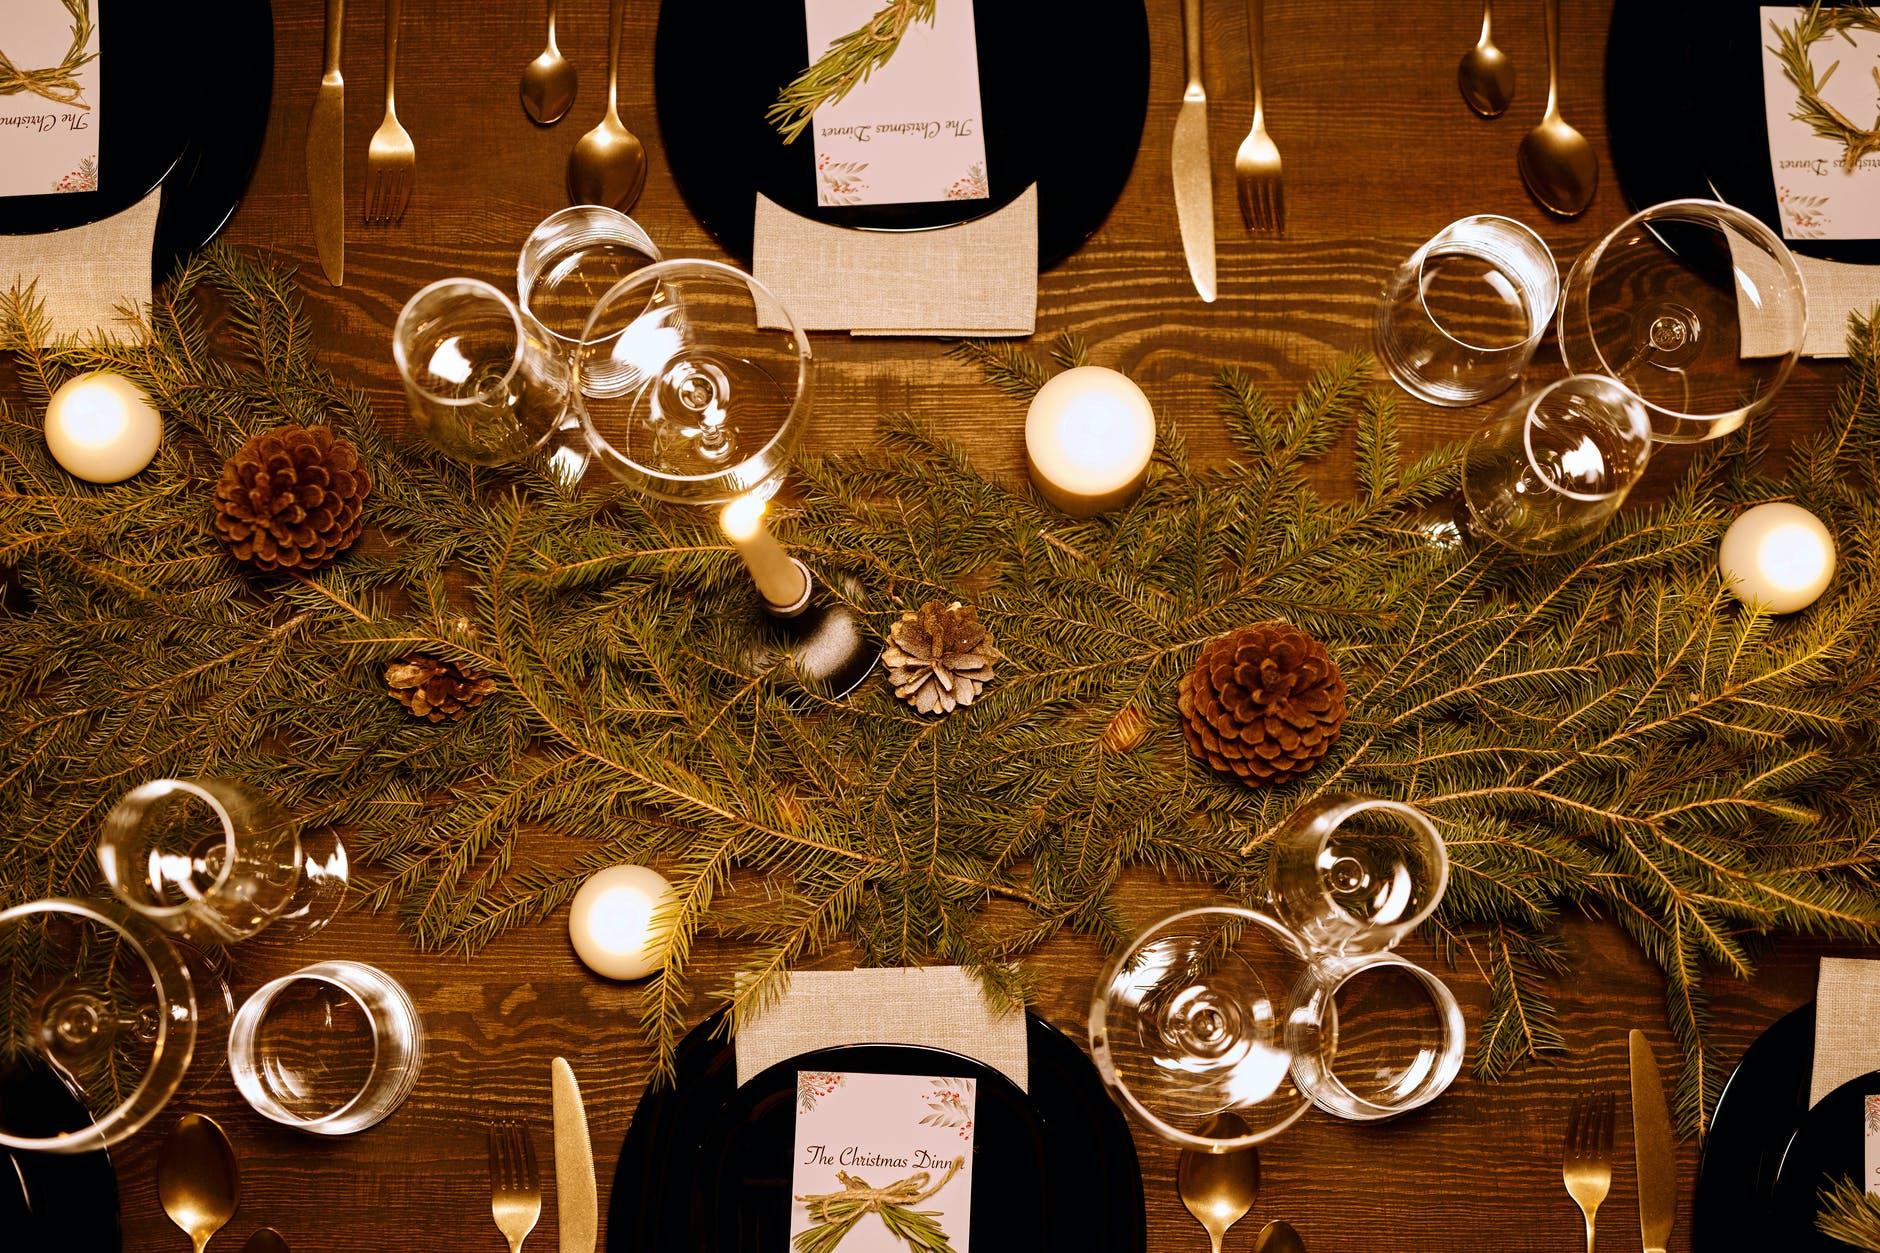 Inšpirácia na vianočné prestieranie / Zdroj: Pexels